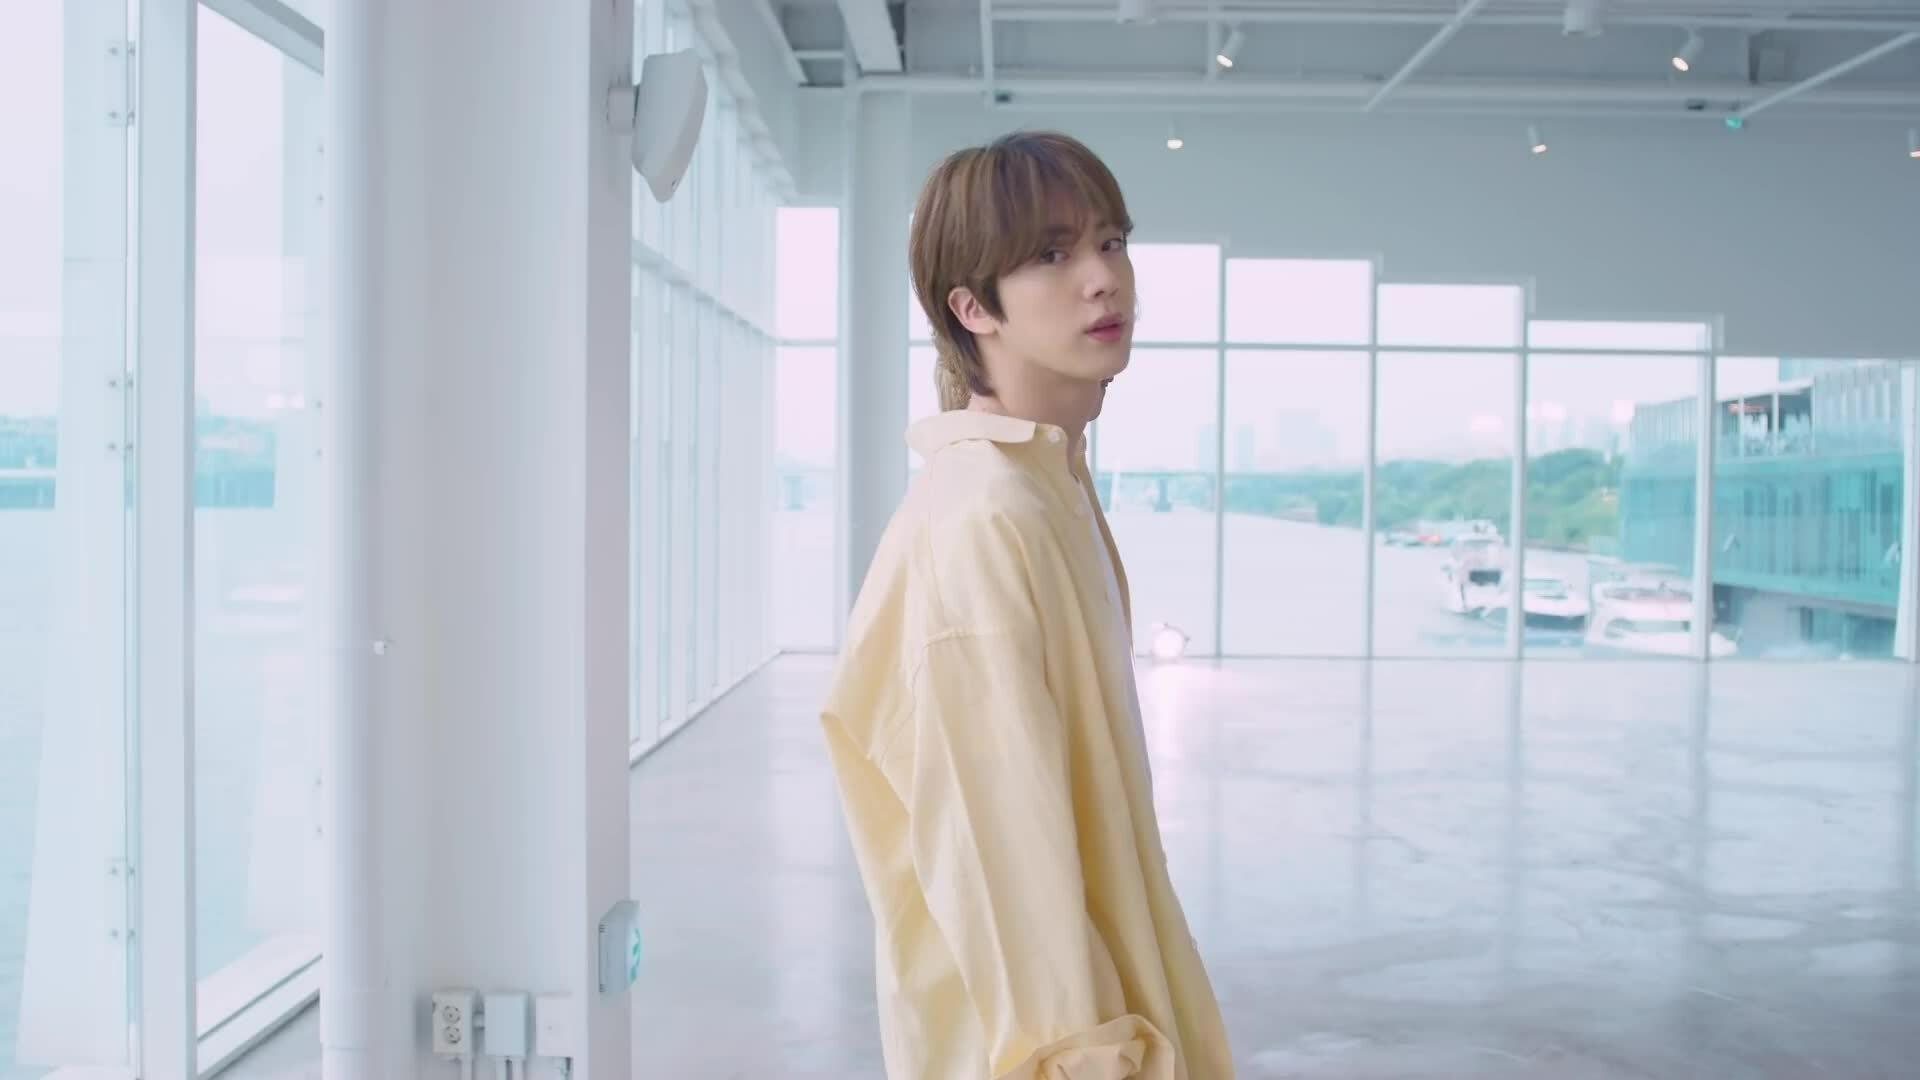 BTS diện outfit vàng tươi đẹp mắt trong video vũ đạo 'Butter' phiên bản đặc biệt